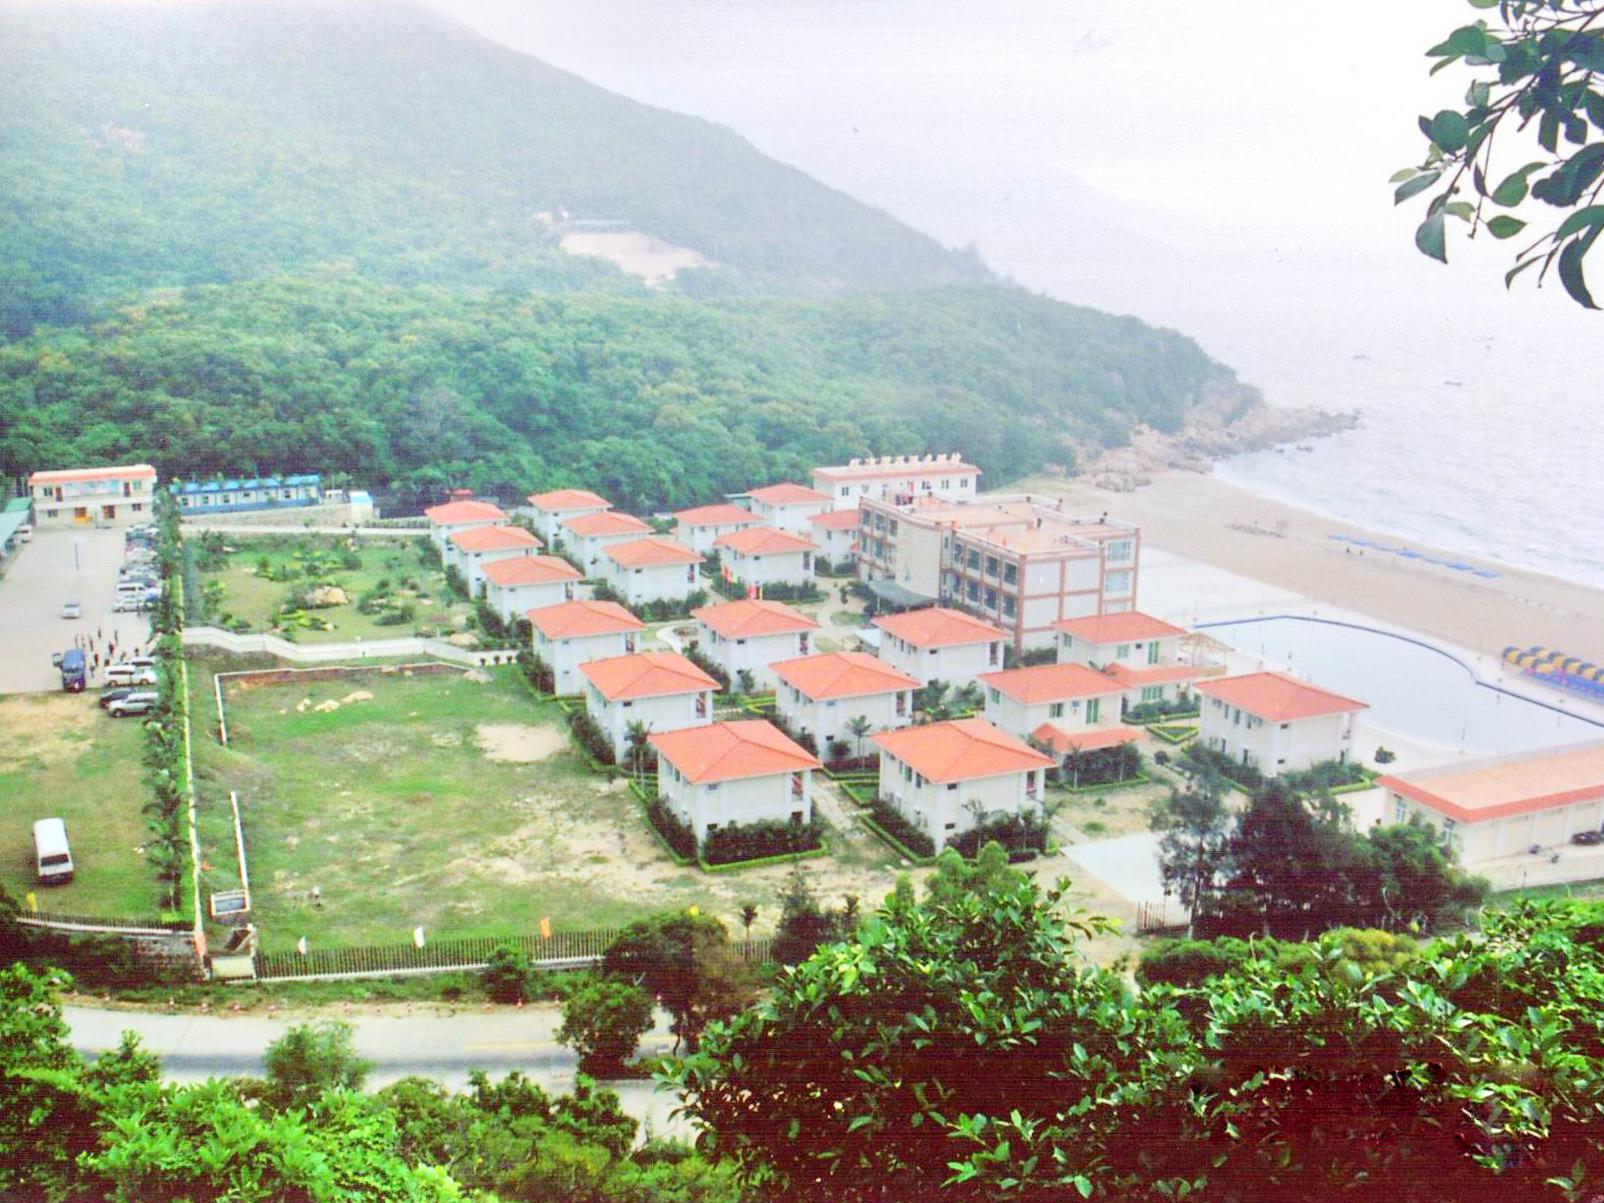 Qian'aowan Tourism Resort